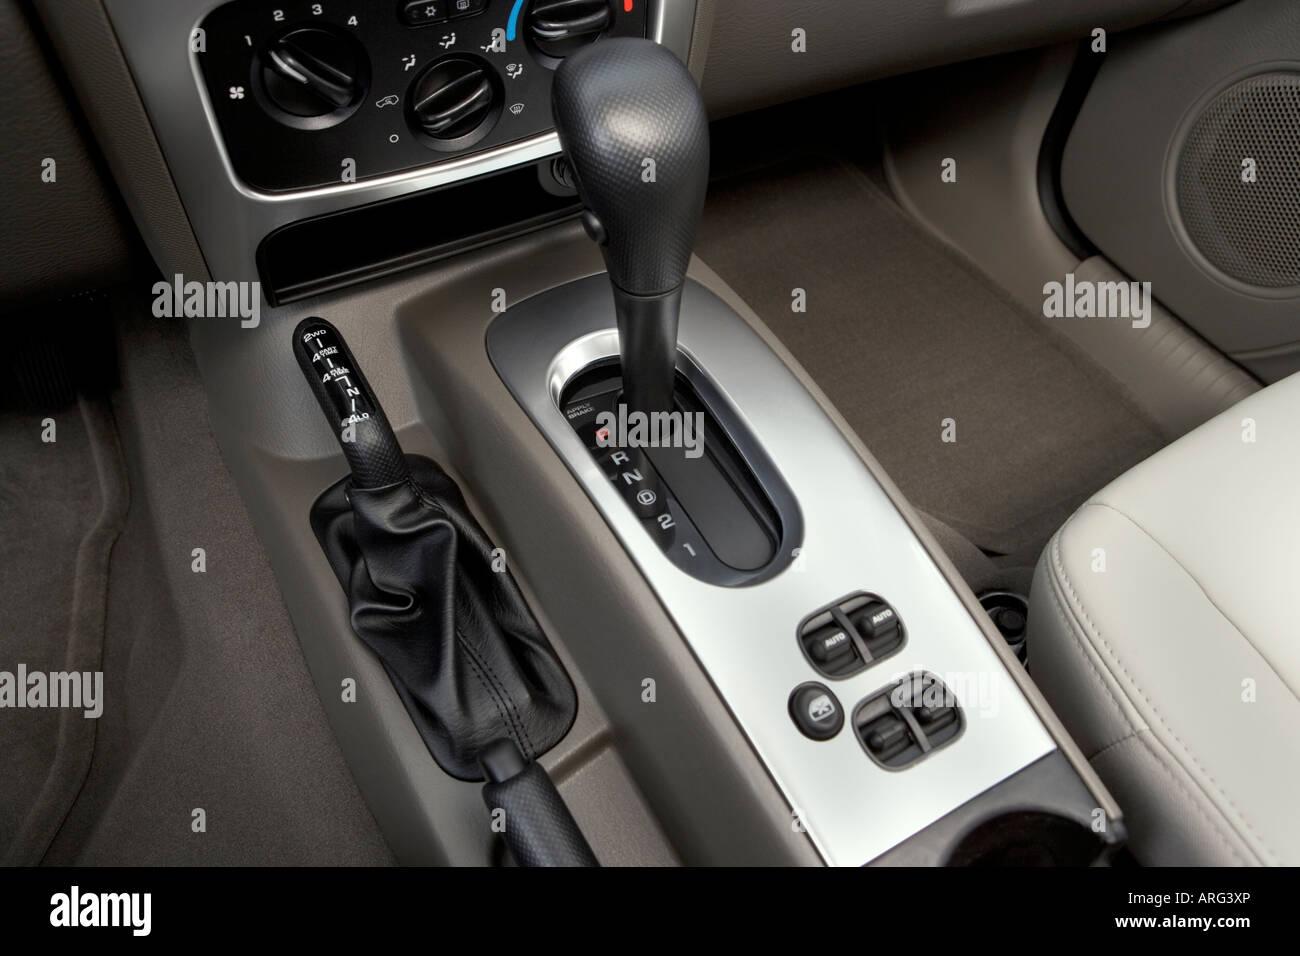 2007 Jeep Liberty Limited Em Vermelho   A Alavanca De Mudança De  Marcha/consola Central